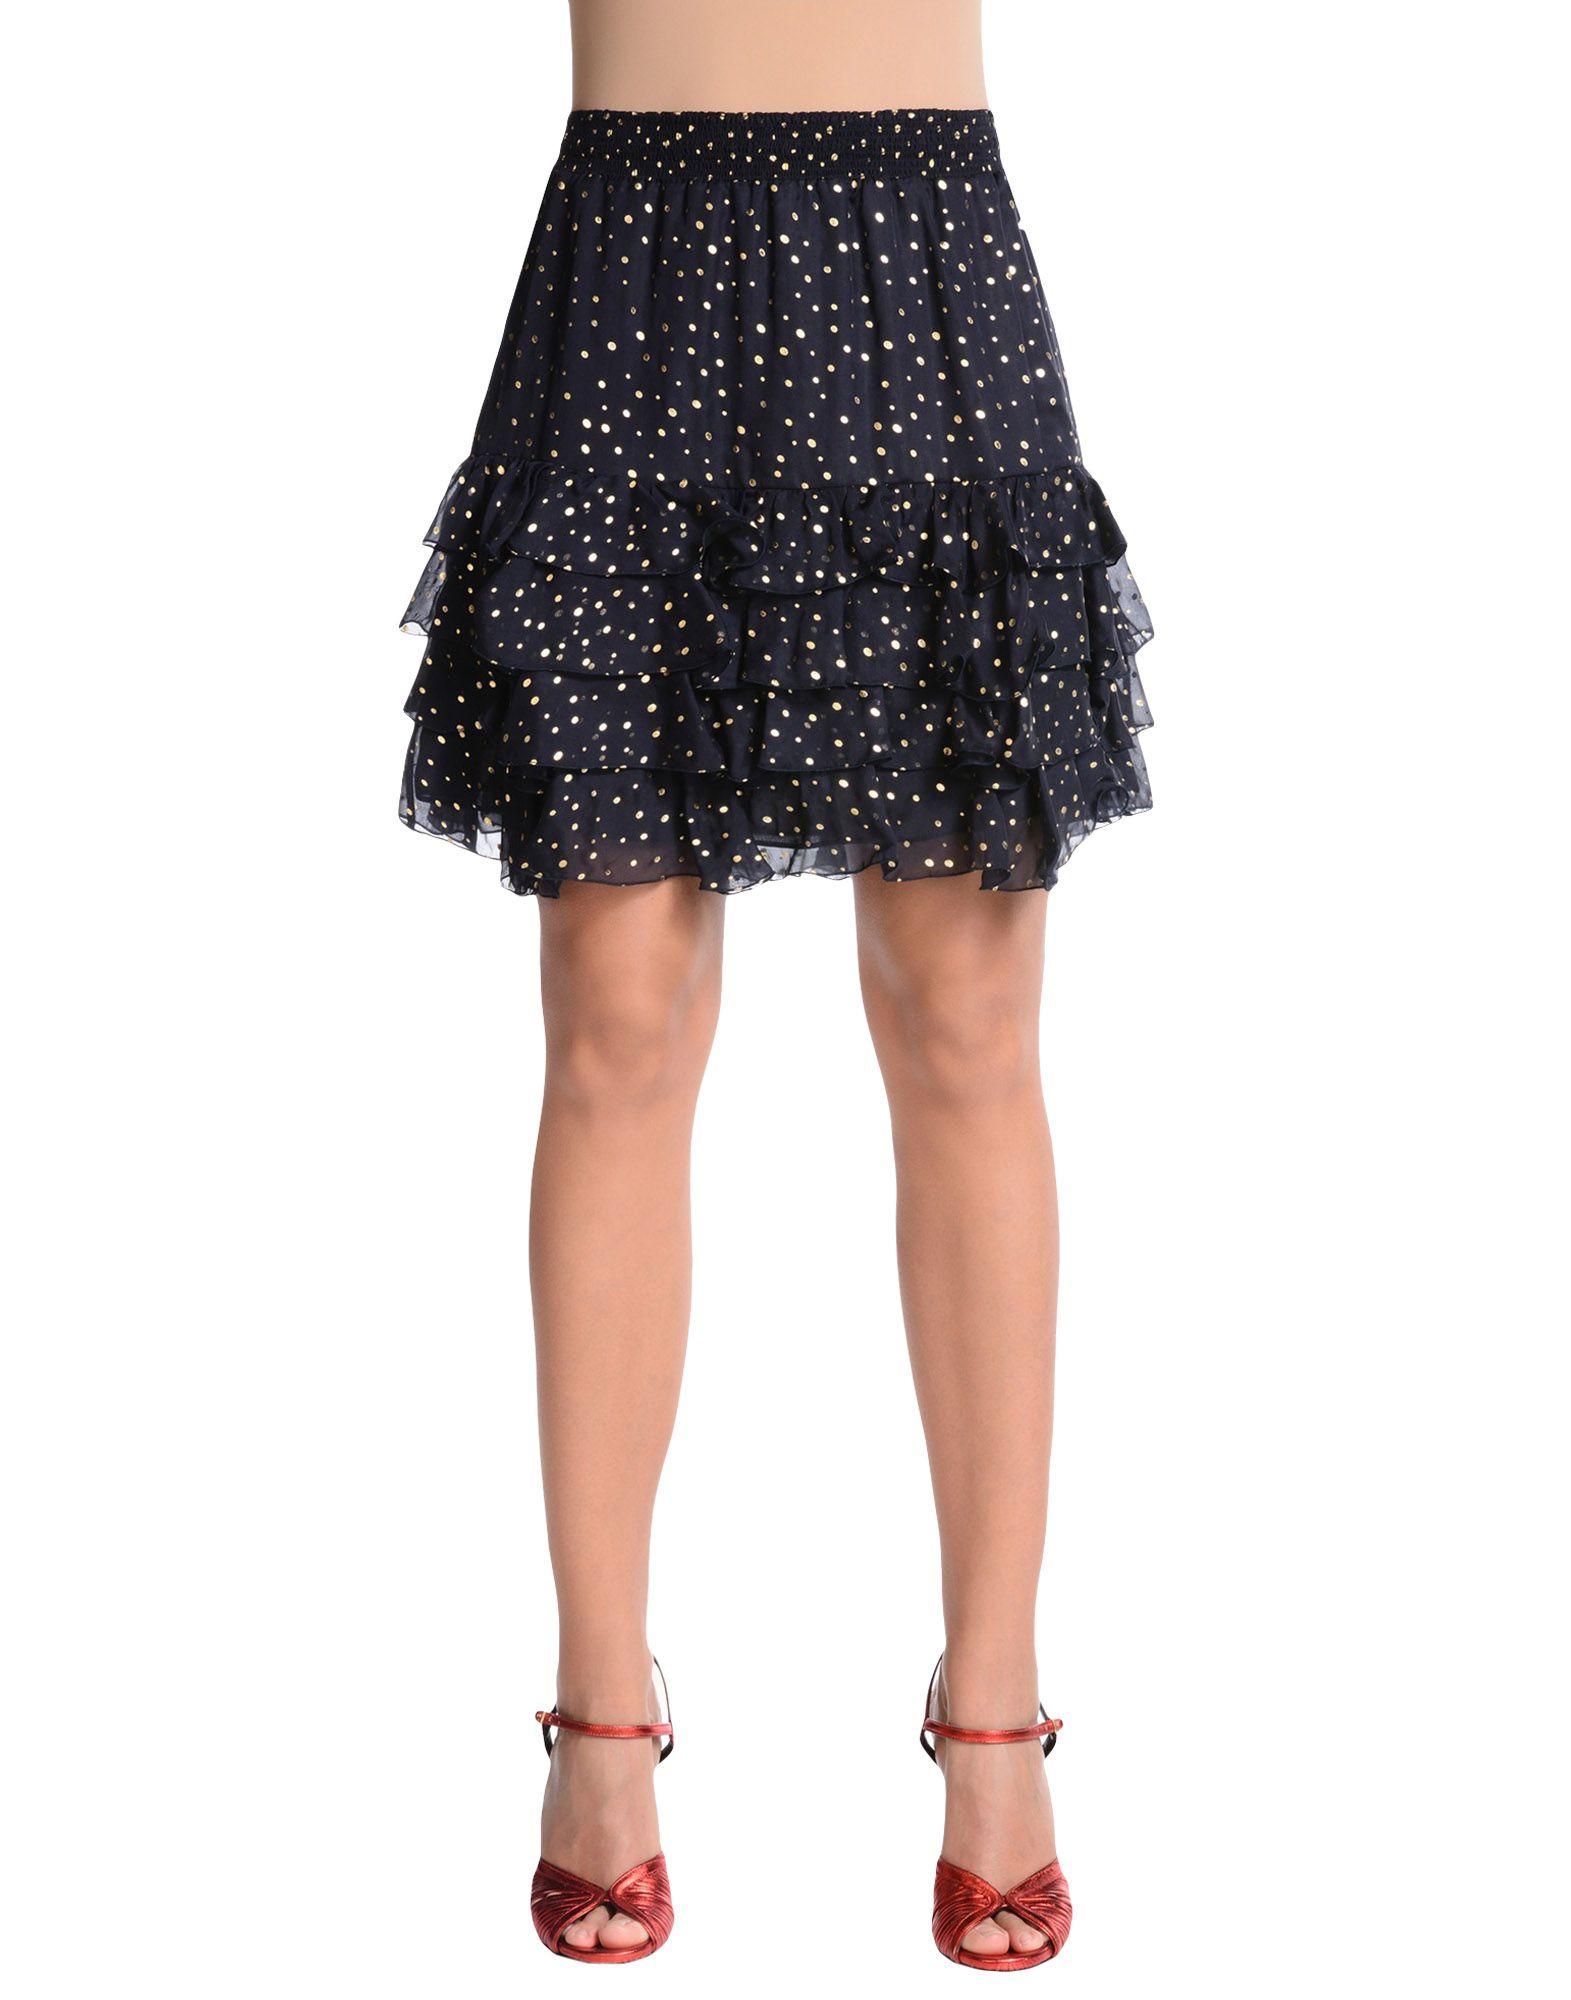 Minigonna Just Cavalli Donna - Acquista online su trCn7S17t